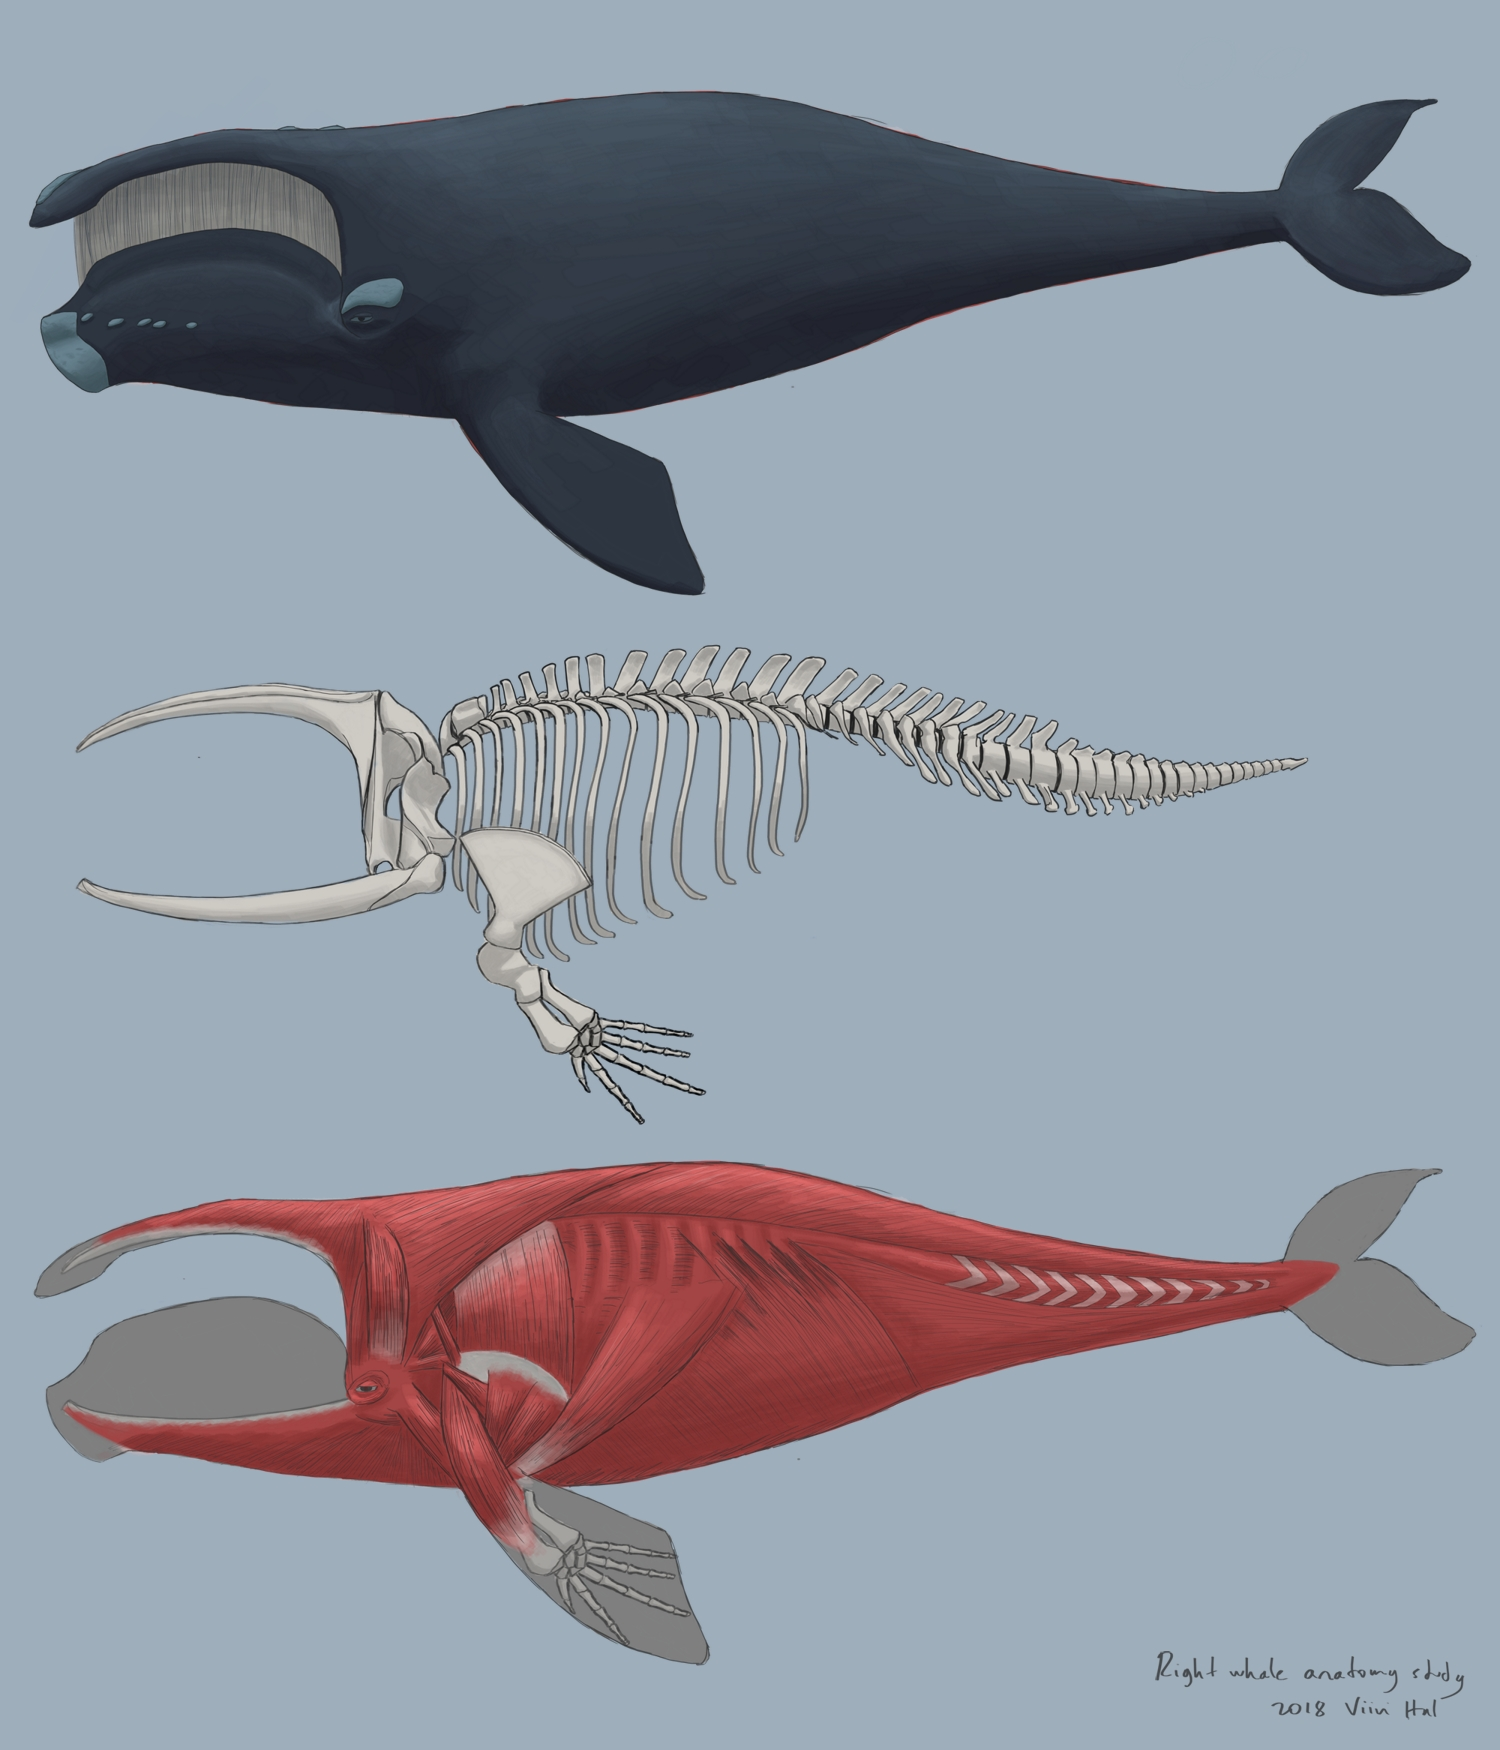 Whale anatomy study by Pralinlin on Newgrounds